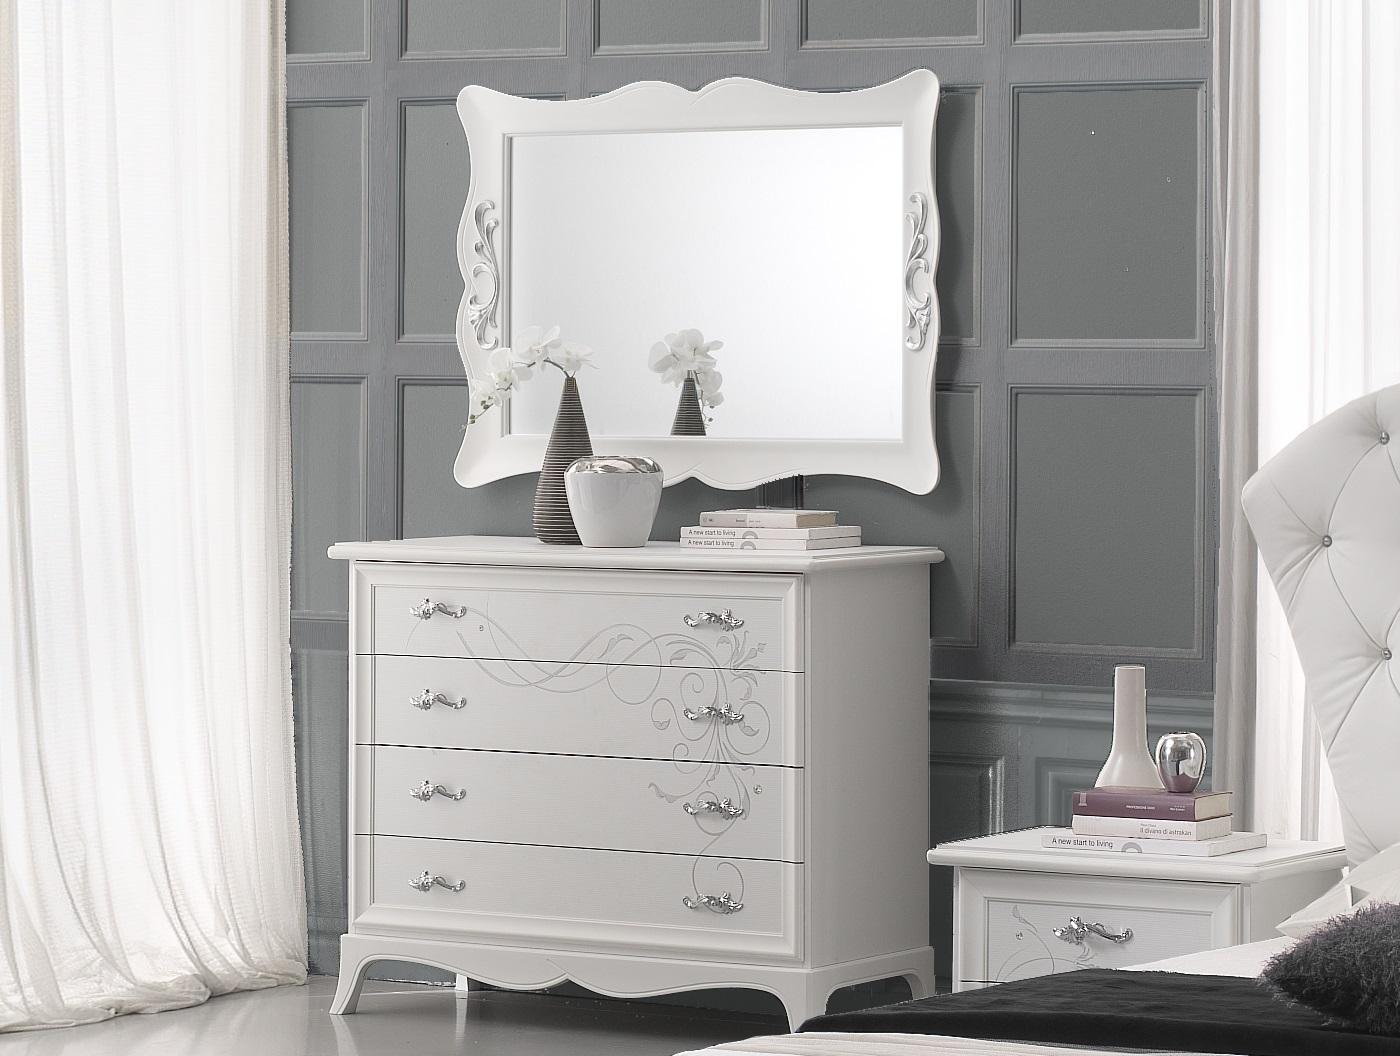 Wäschekommode mit Spiegel Gisell in weiss Schlafzimmer-Gisell-WK